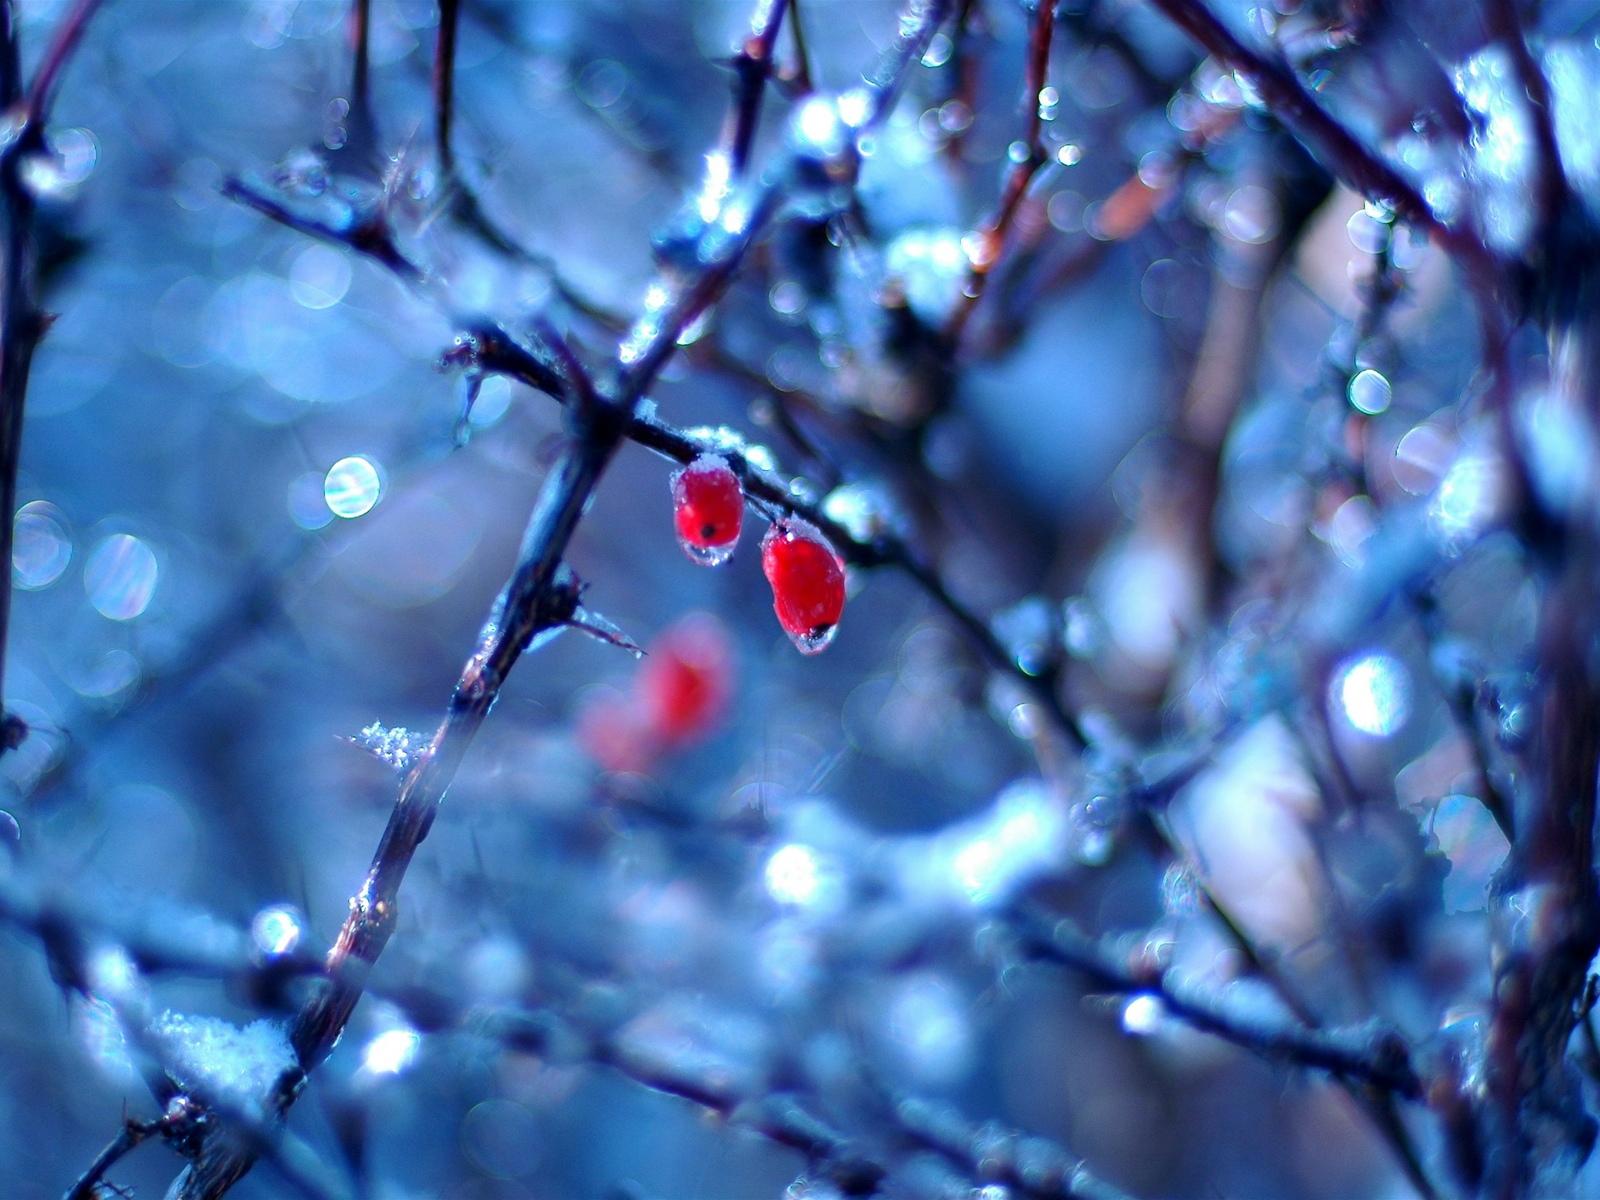 http://1.bp.blogspot.com/-rOrNPF2KqFc/TcecnJll2GI/AAAAAAAAAZc/wNv2jTU1z_0/s1600/nature_0038.jpg